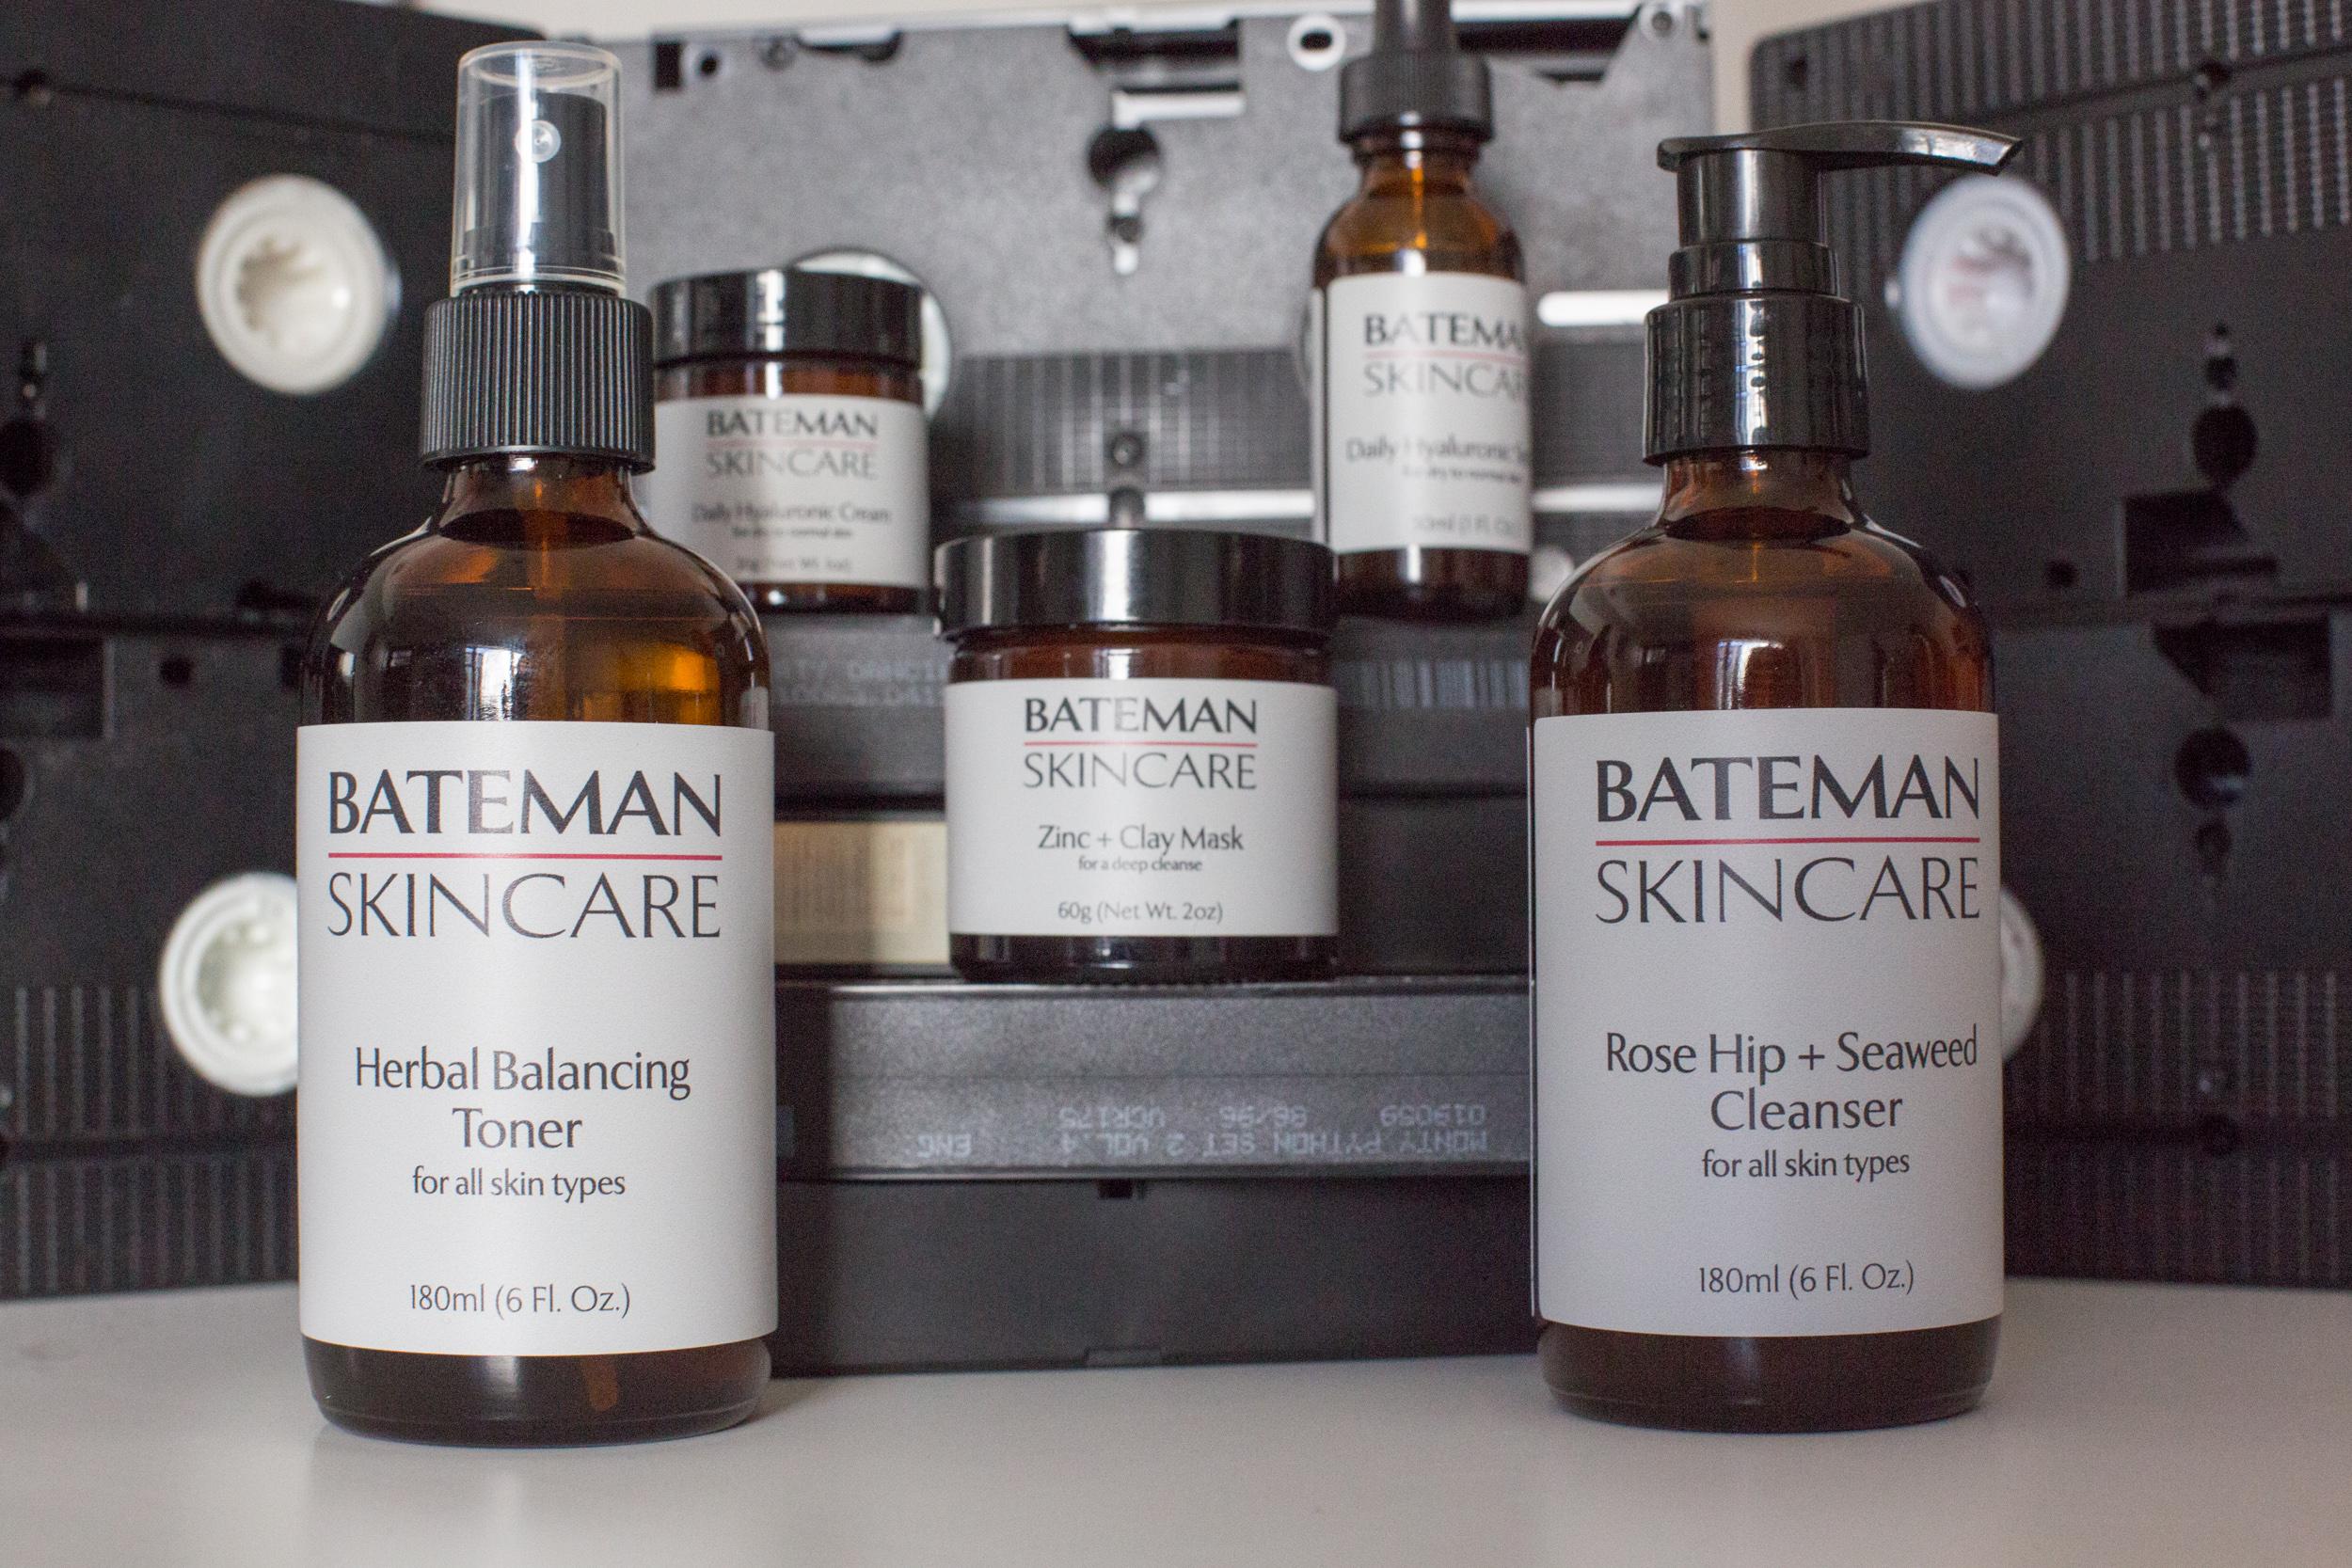 bateman skin care day 1-1368.jpg